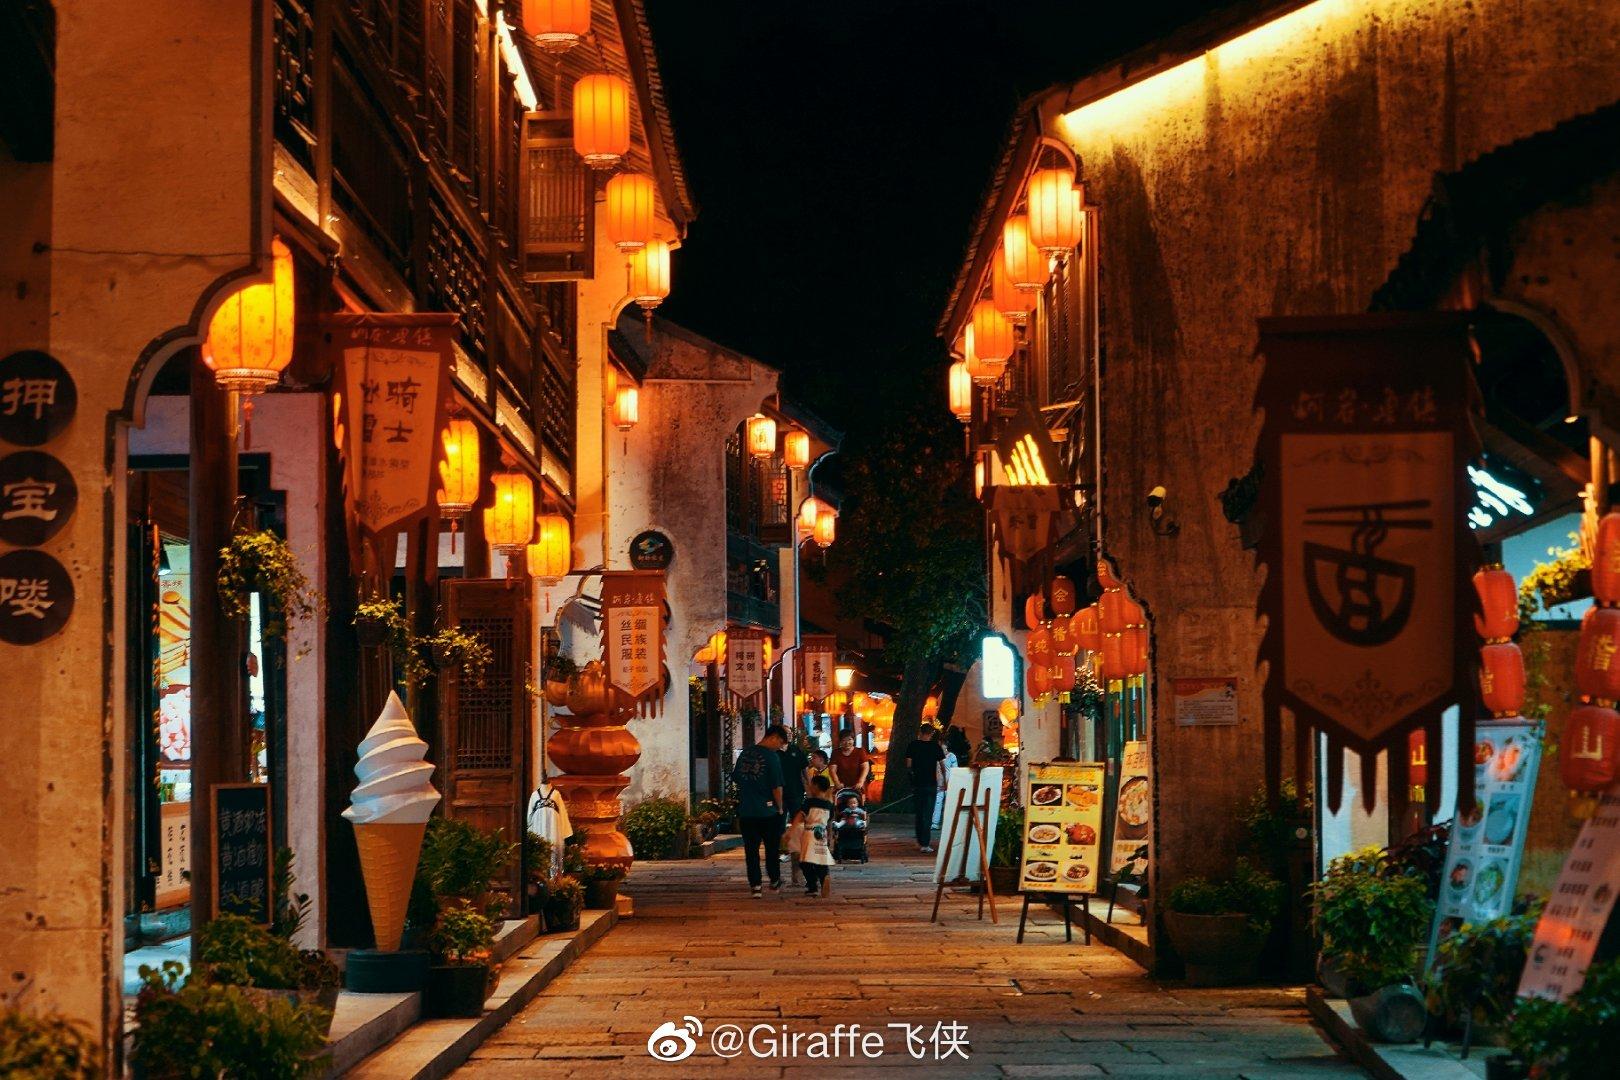 夜游绍兴柯桥鲁镇,我发现了最美的江南水乡